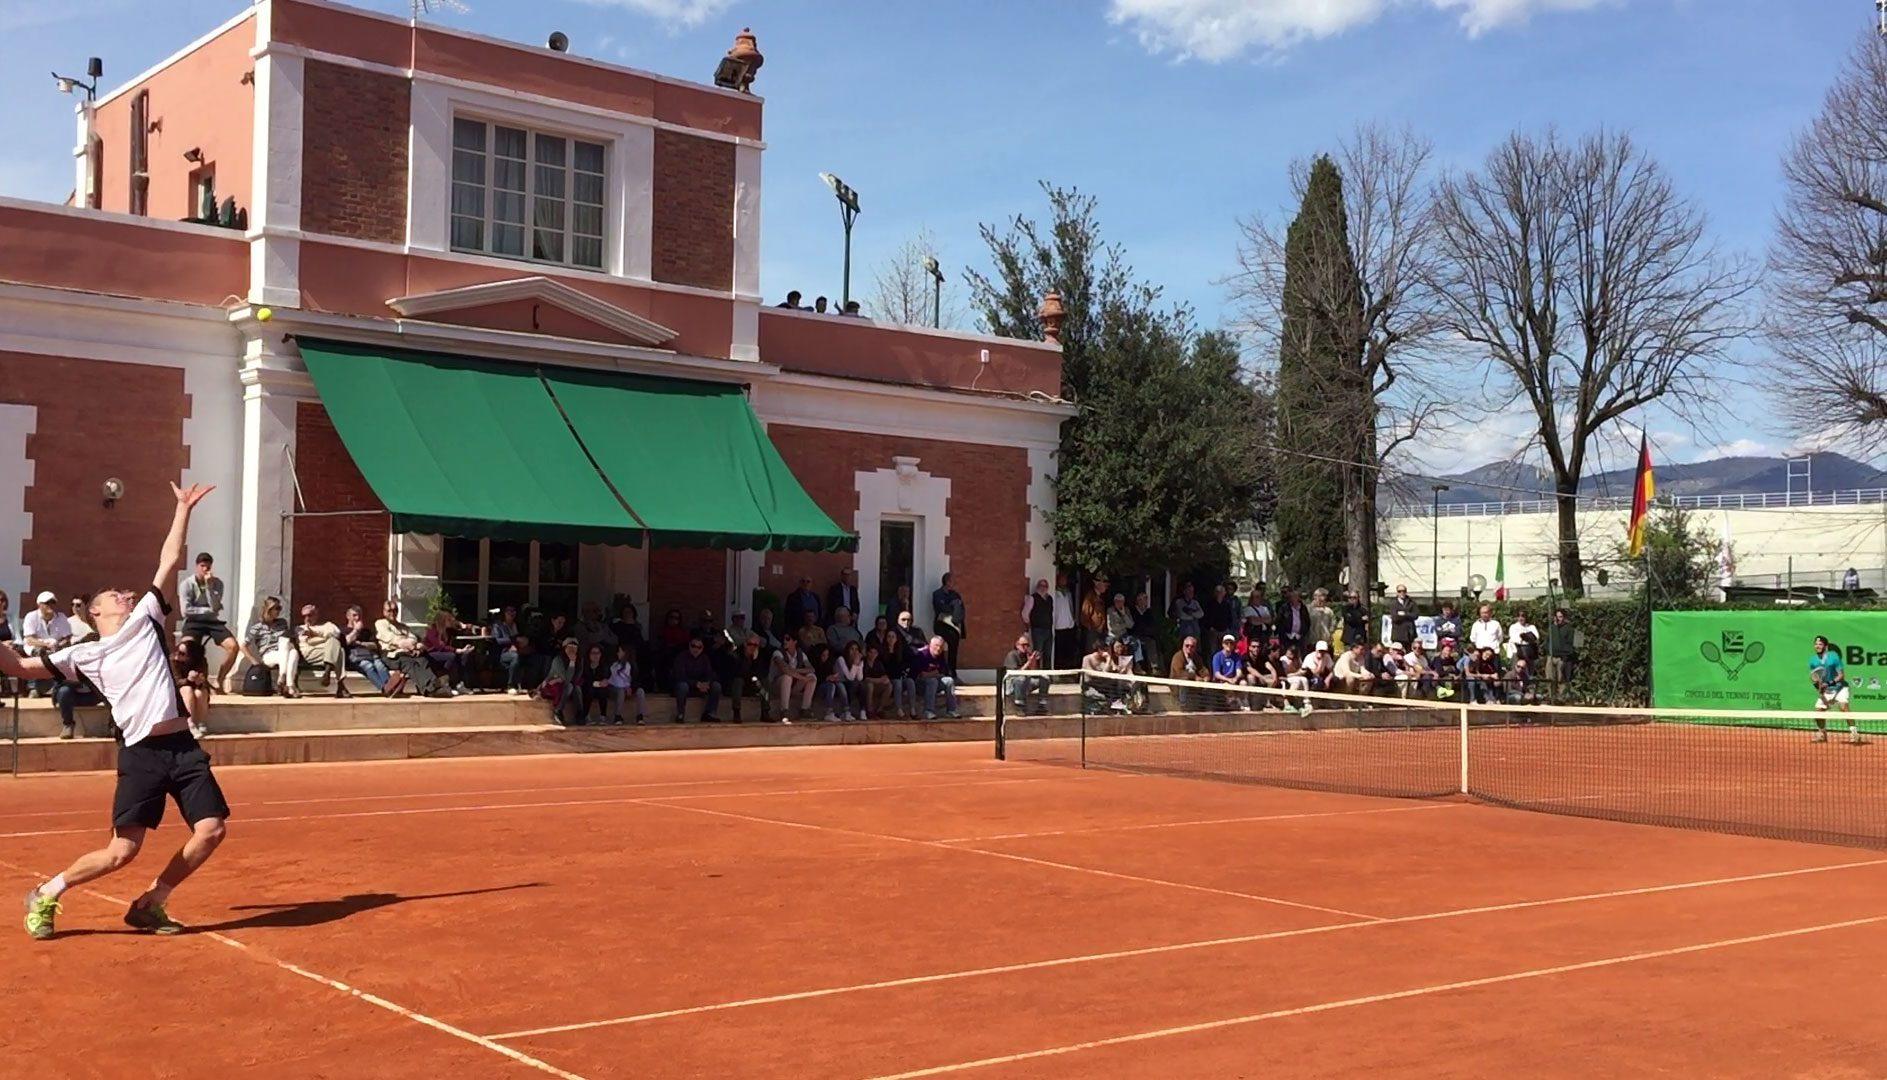 Circolo del tennis firenze 1898 scuola tennis firenze for Circolo bdr soggiorni estivi